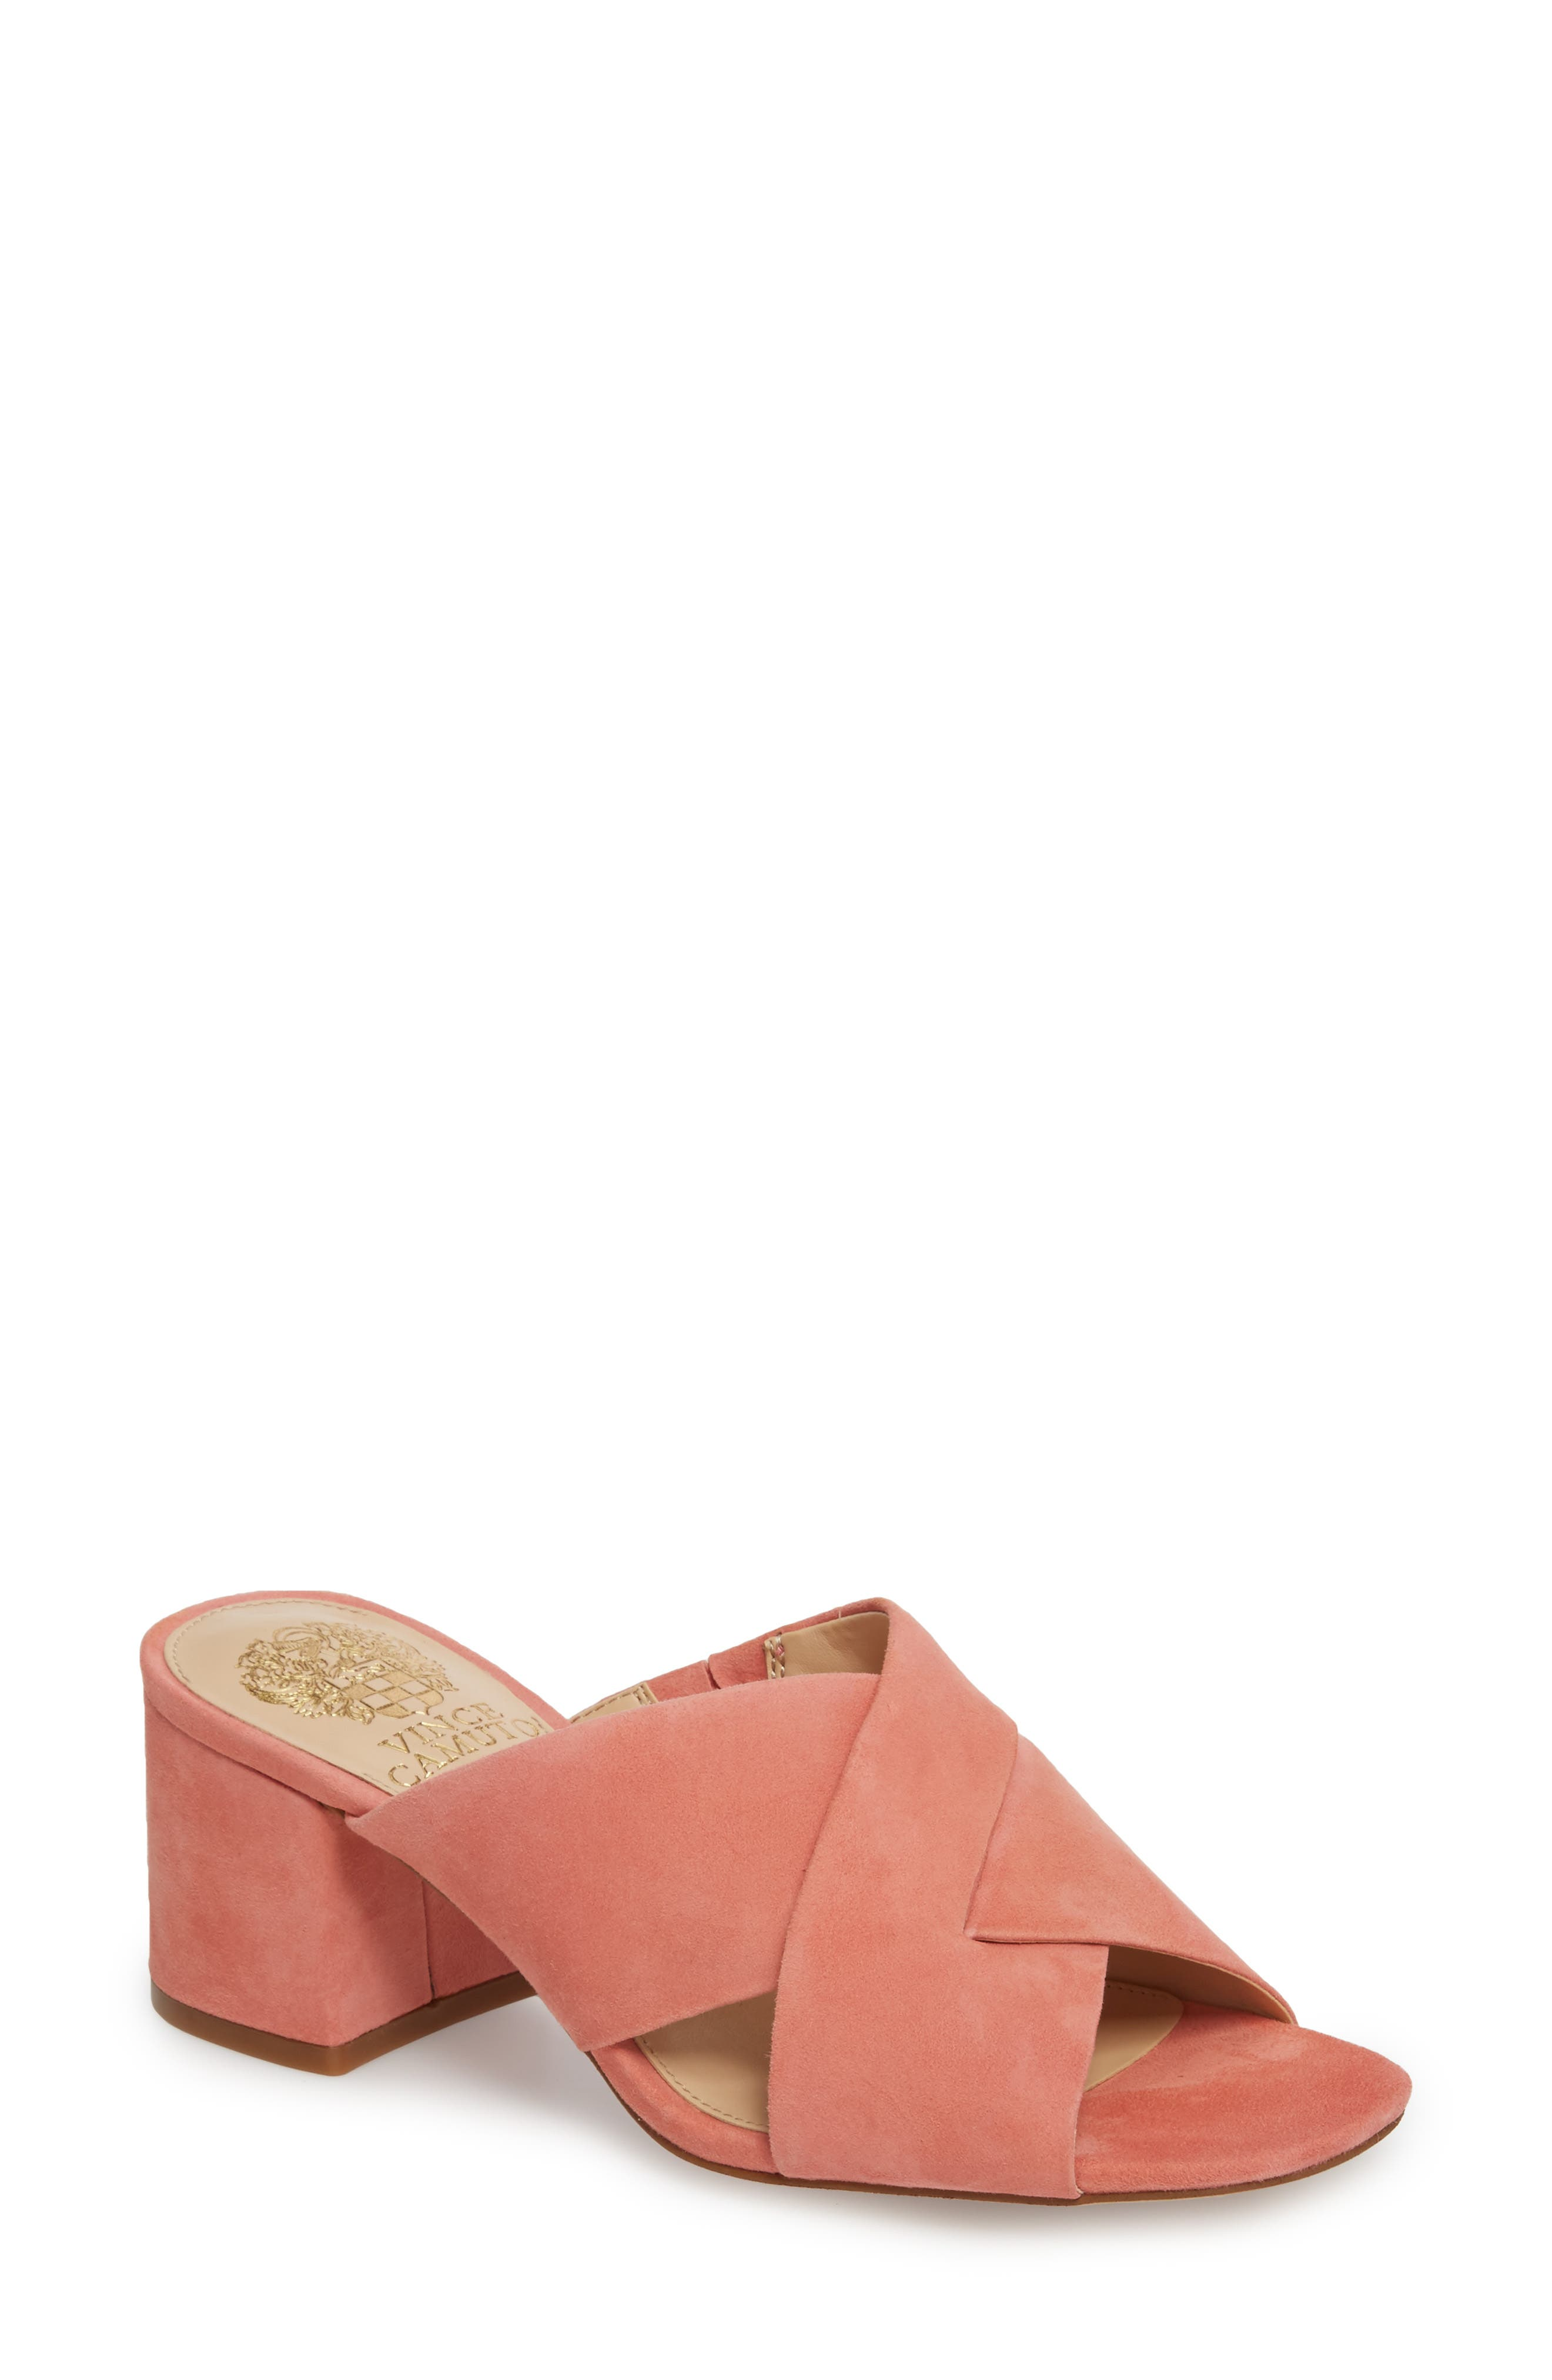 Stania Sandal,                             Main thumbnail 1, color,                             Fancy Flamingo Suede